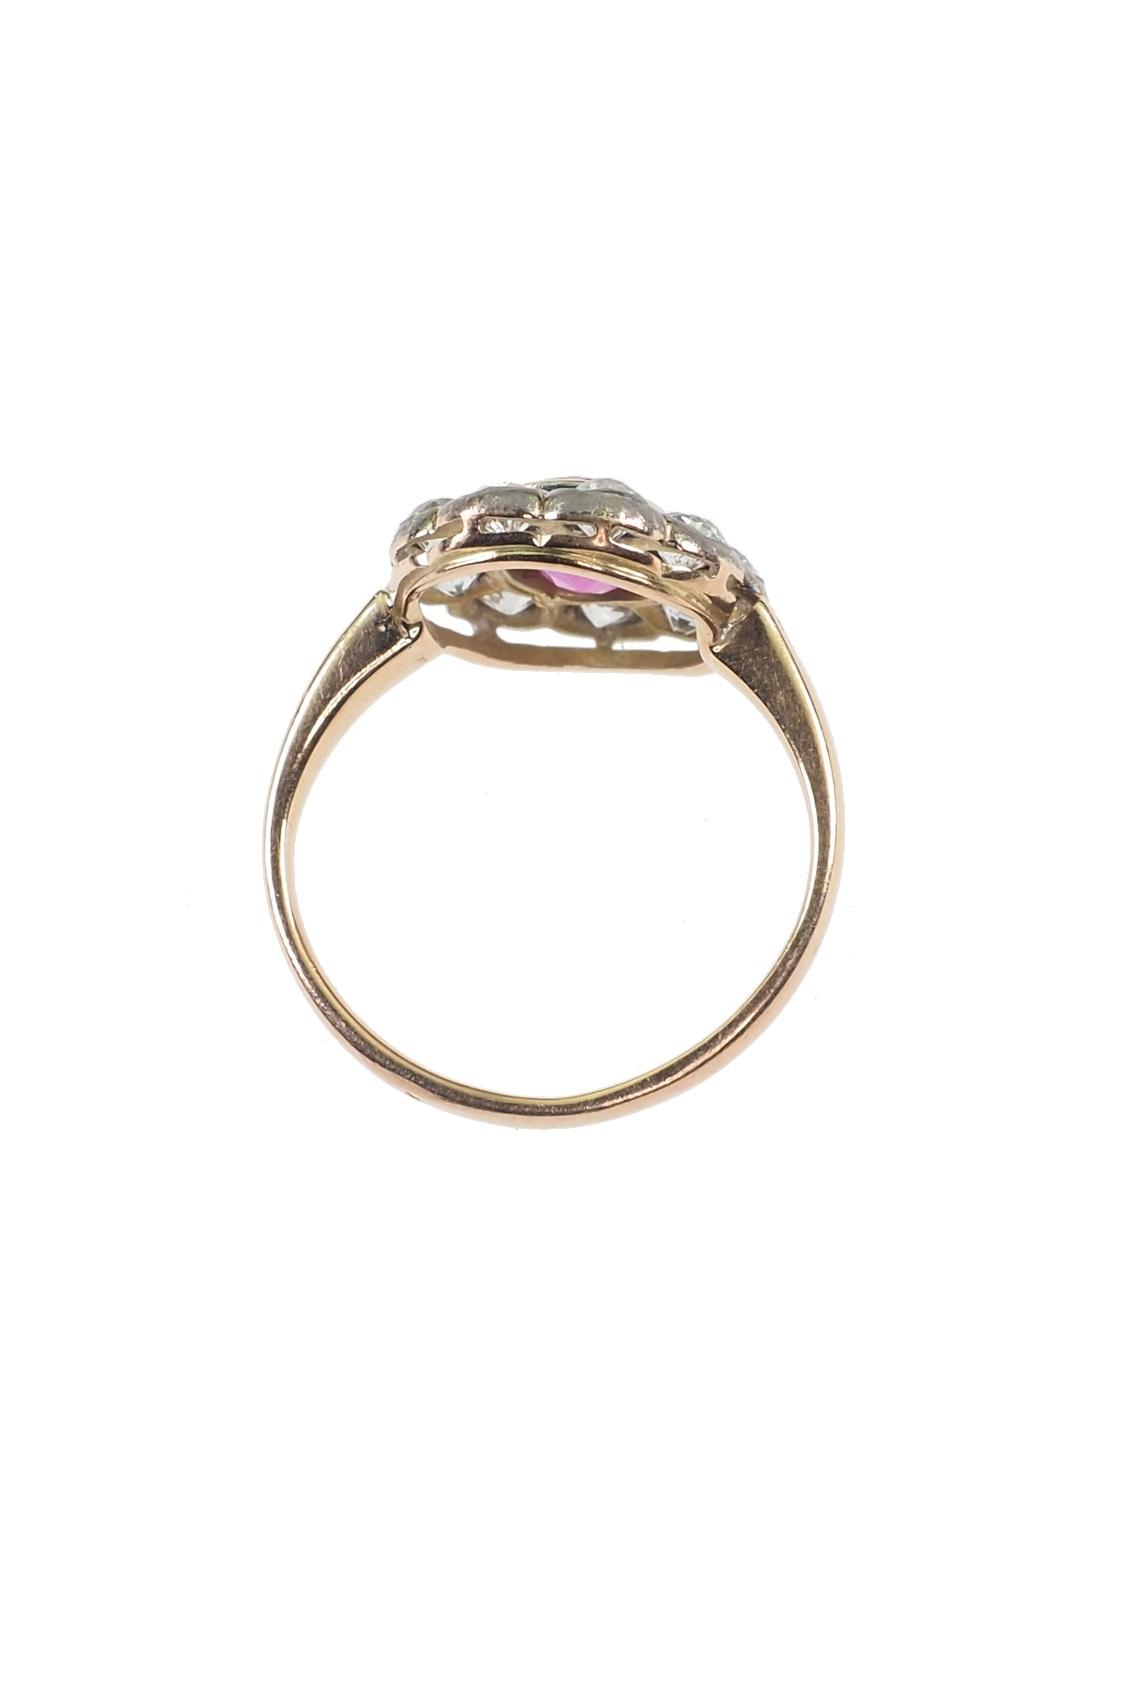 Verlobungsringe-online-kaufen-0872c